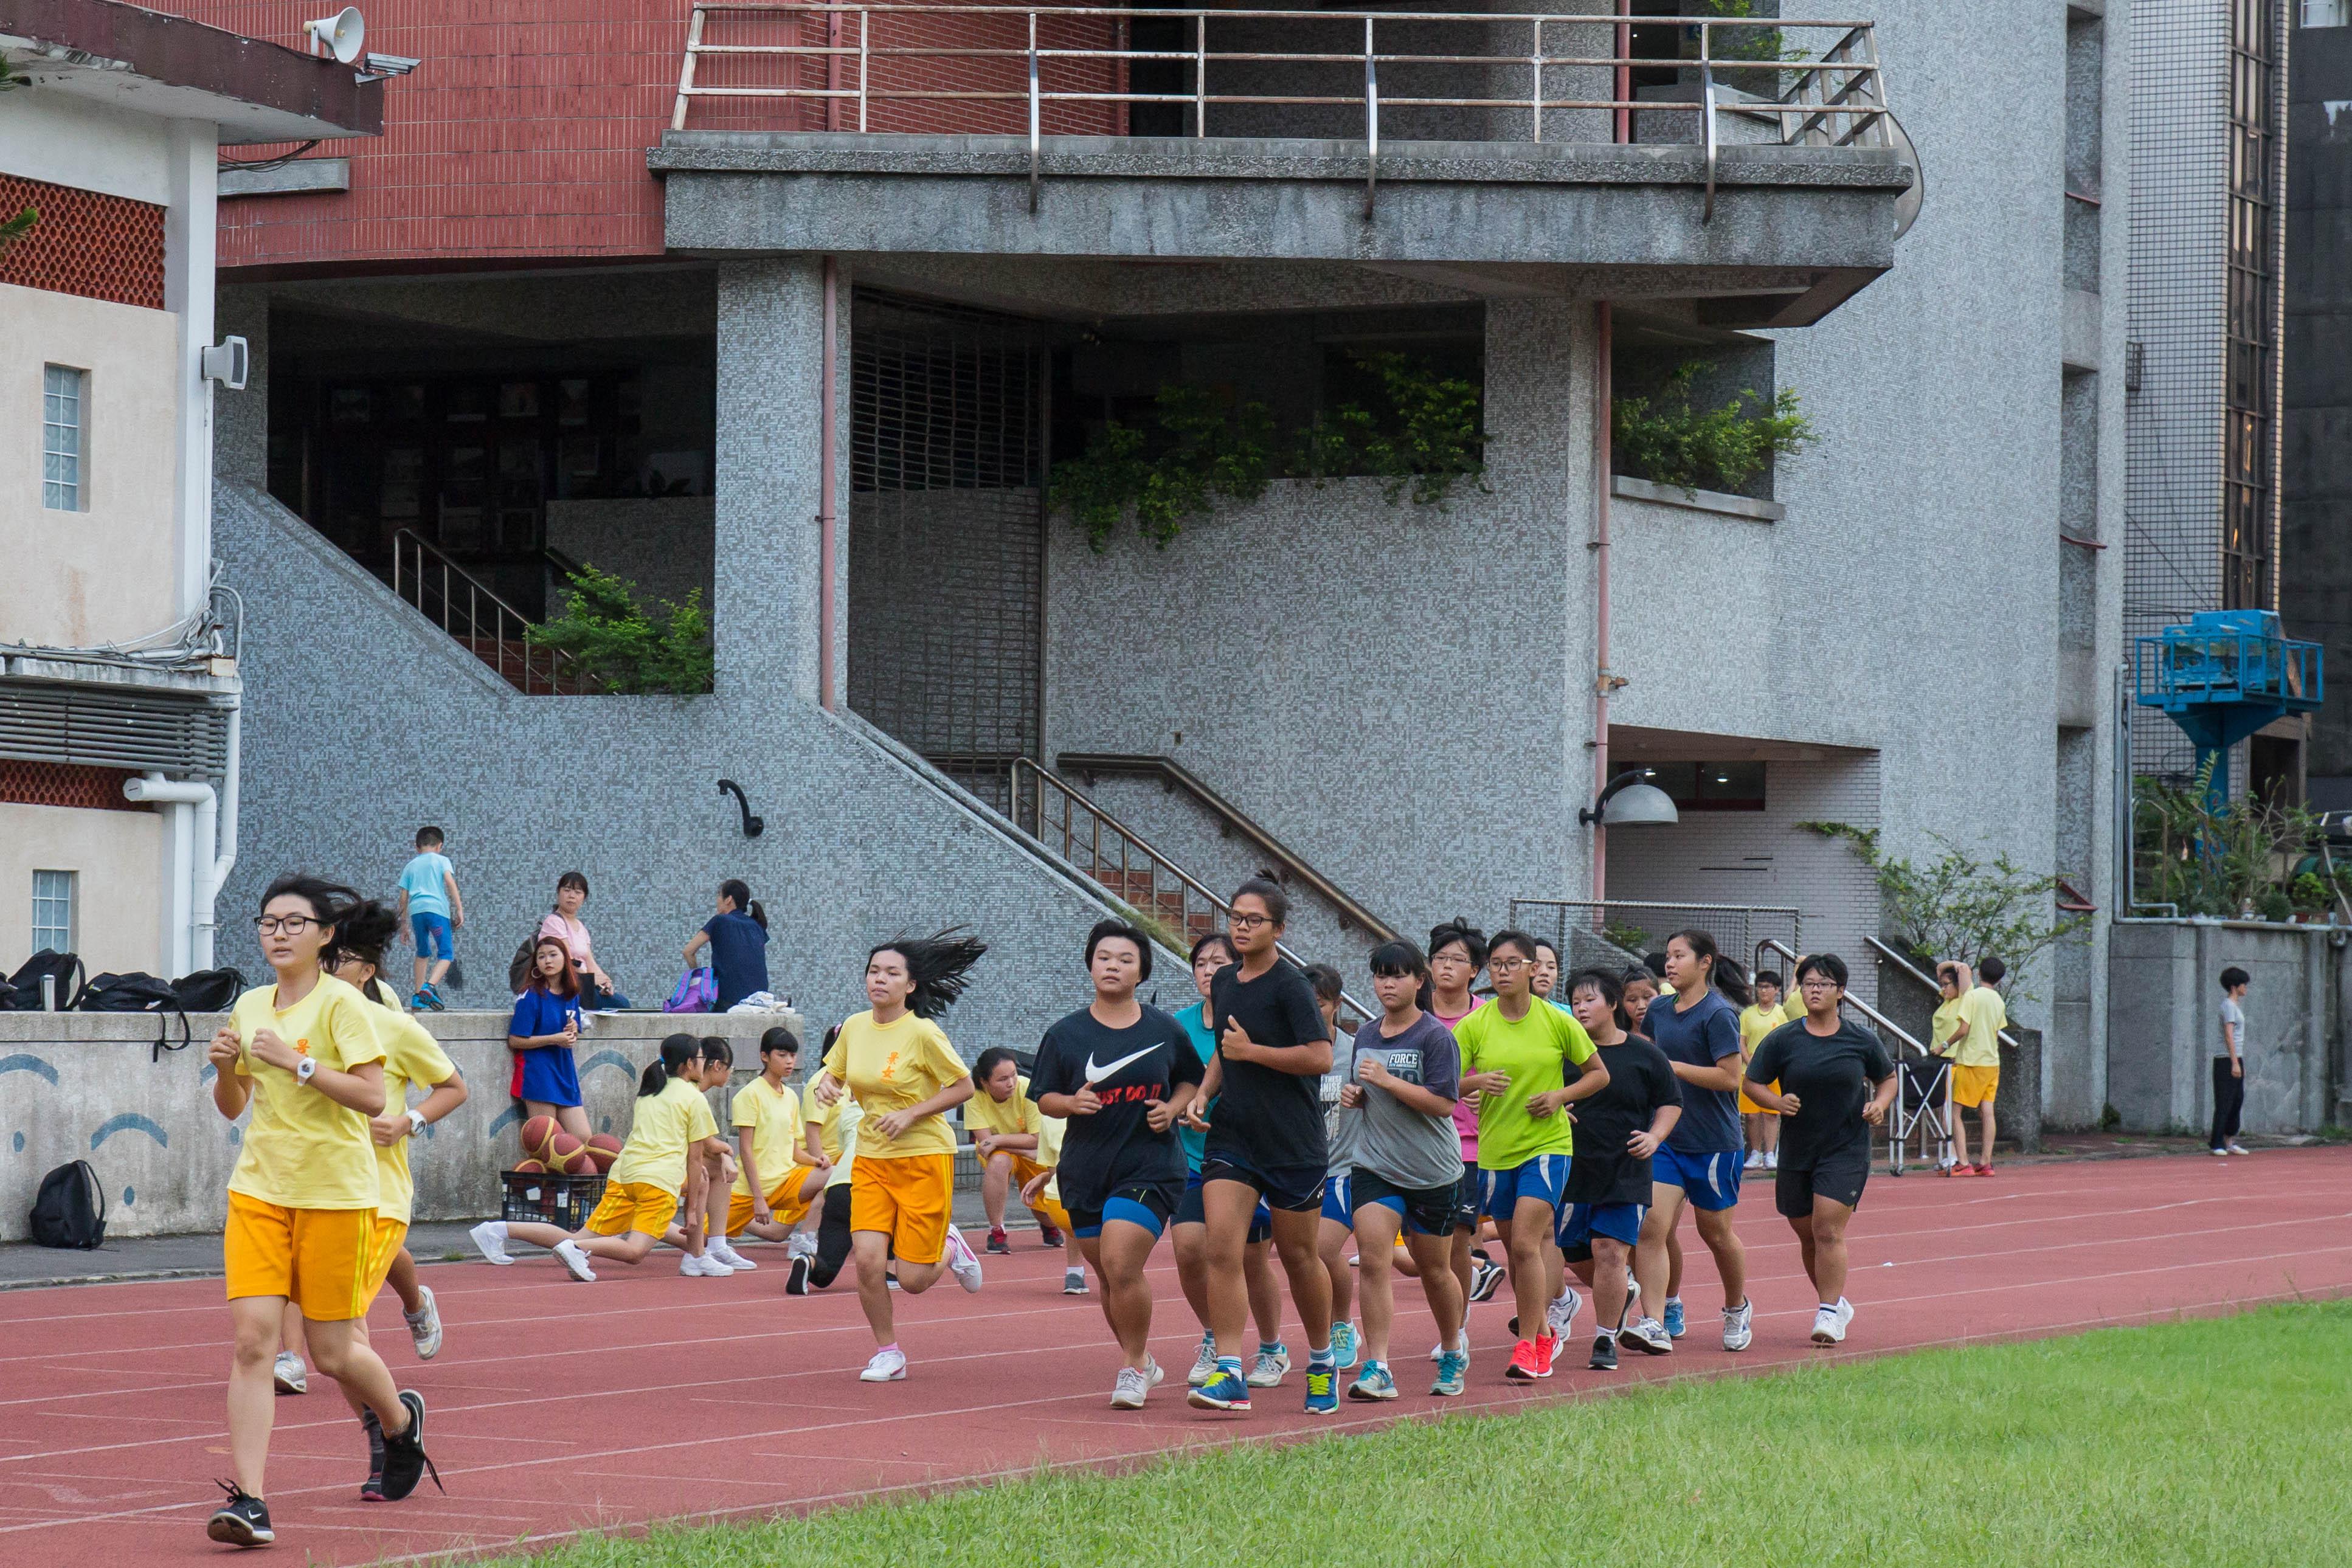 五點放學後,拔河隊員自動聚集於操場,為晚上的練習暖身跑步。